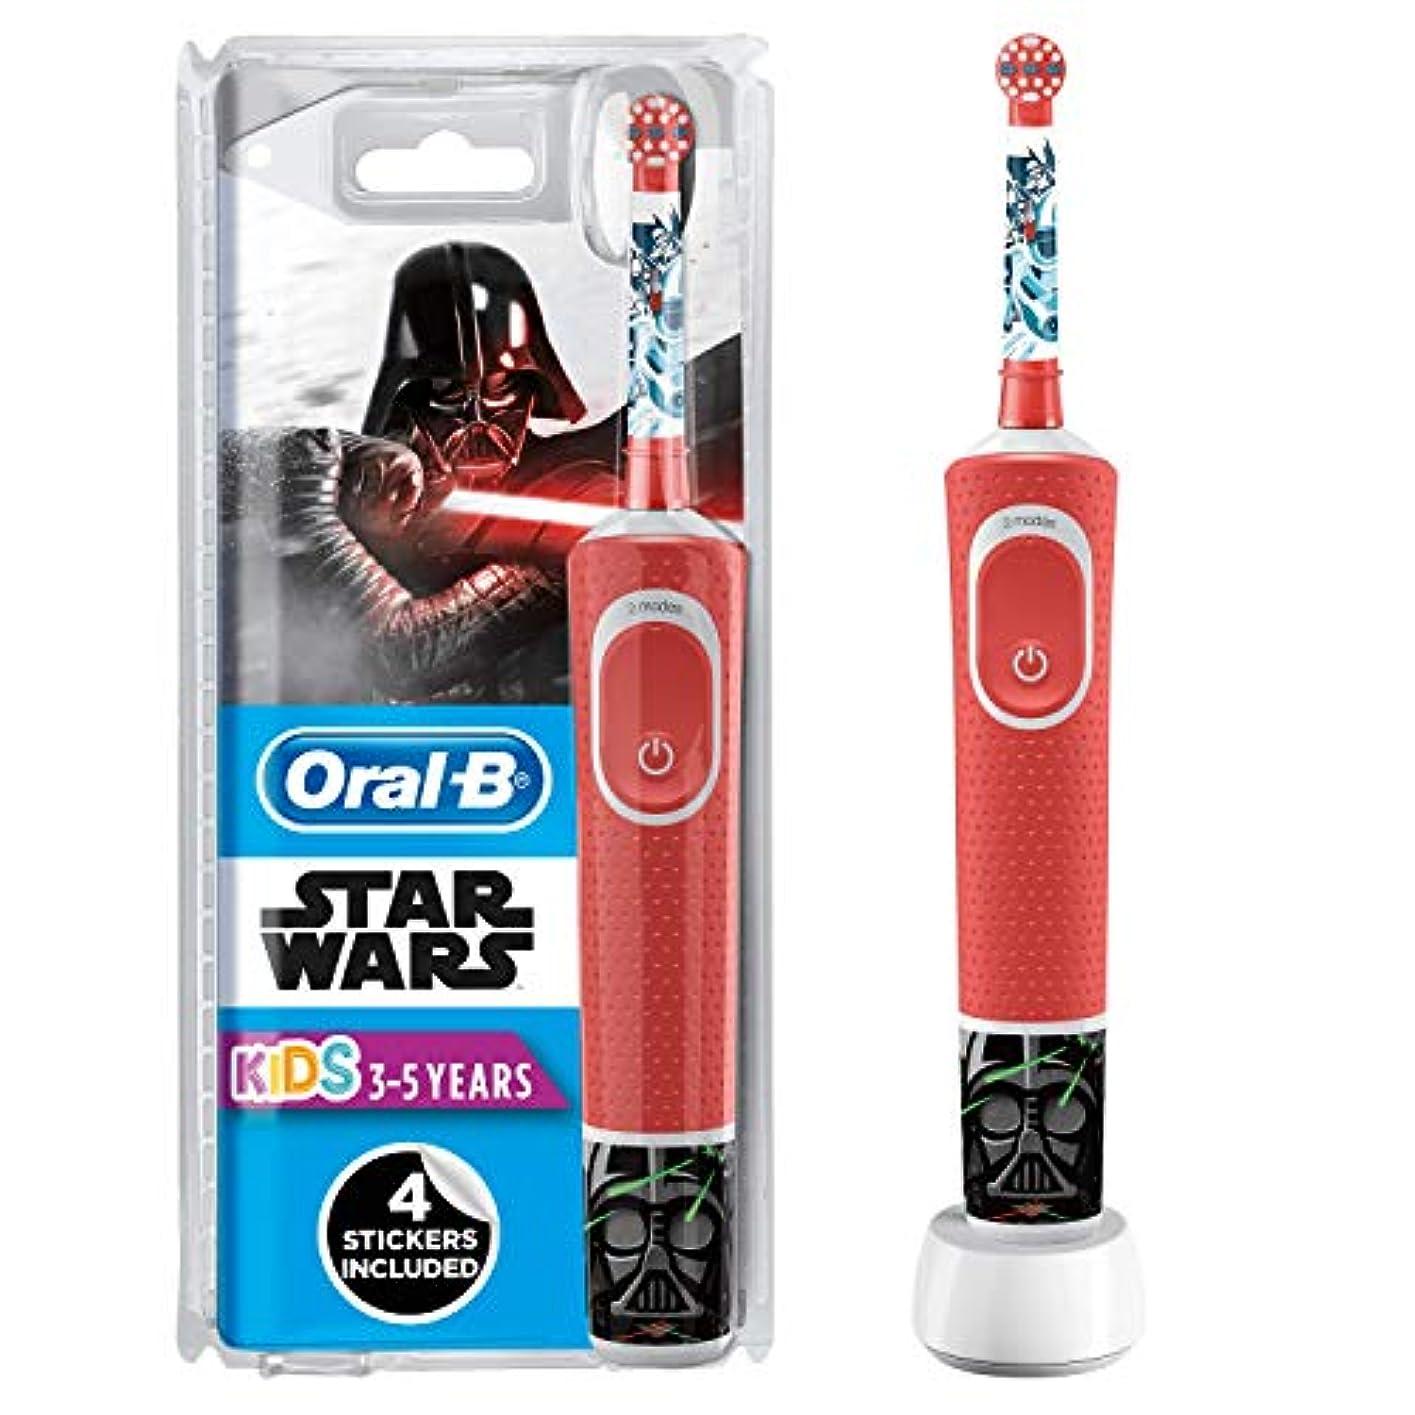 対人発信美人オーラルB ステージパワーキッズ スターウォーズ 充電式電動歯ブラシ 並行輸入品 海外発送